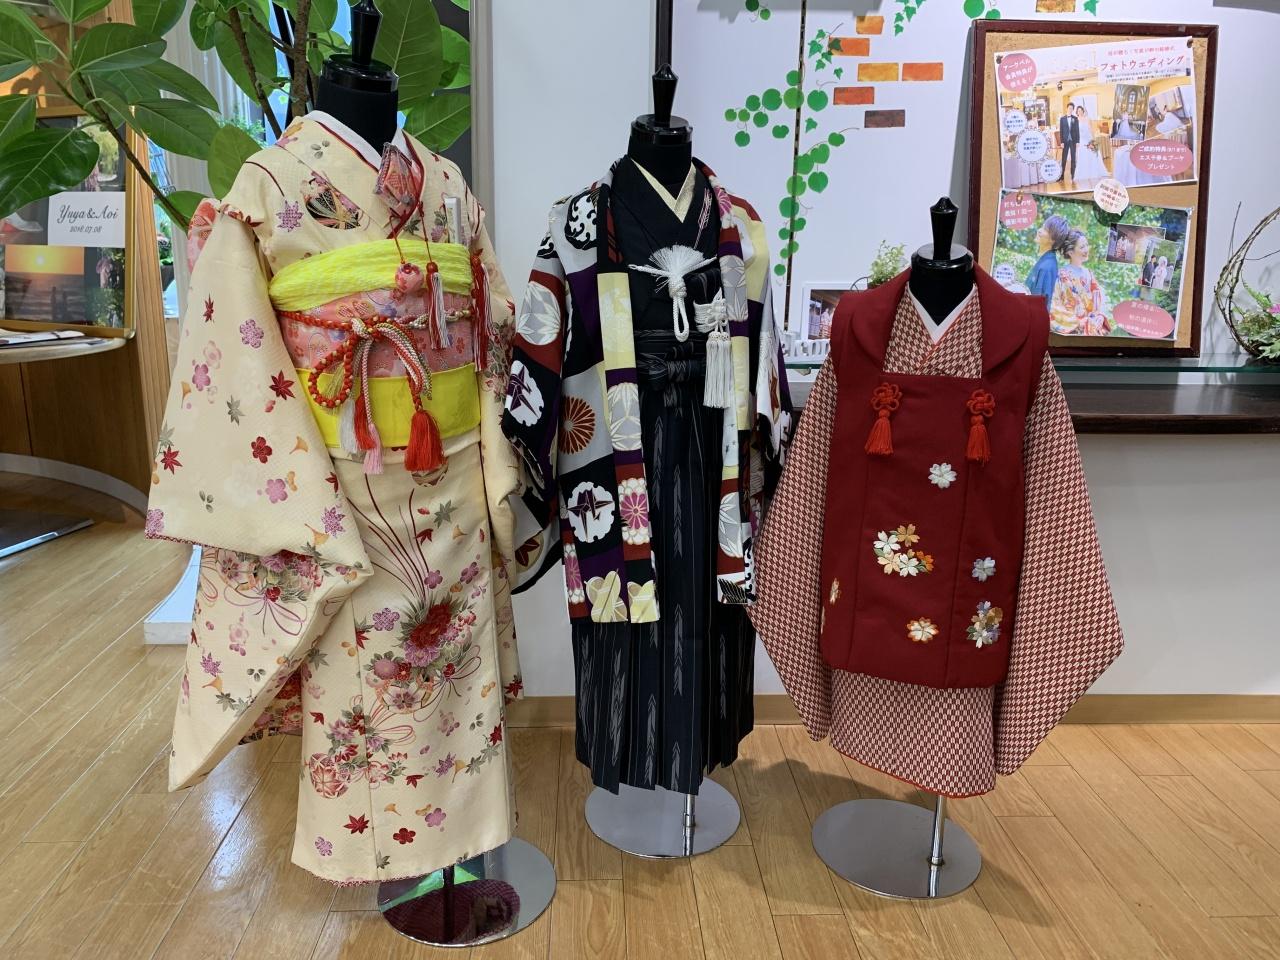 ビアンベール酒田七五三プランがおすすめ♪日本伝統の通過儀礼をお祝いしましょう!